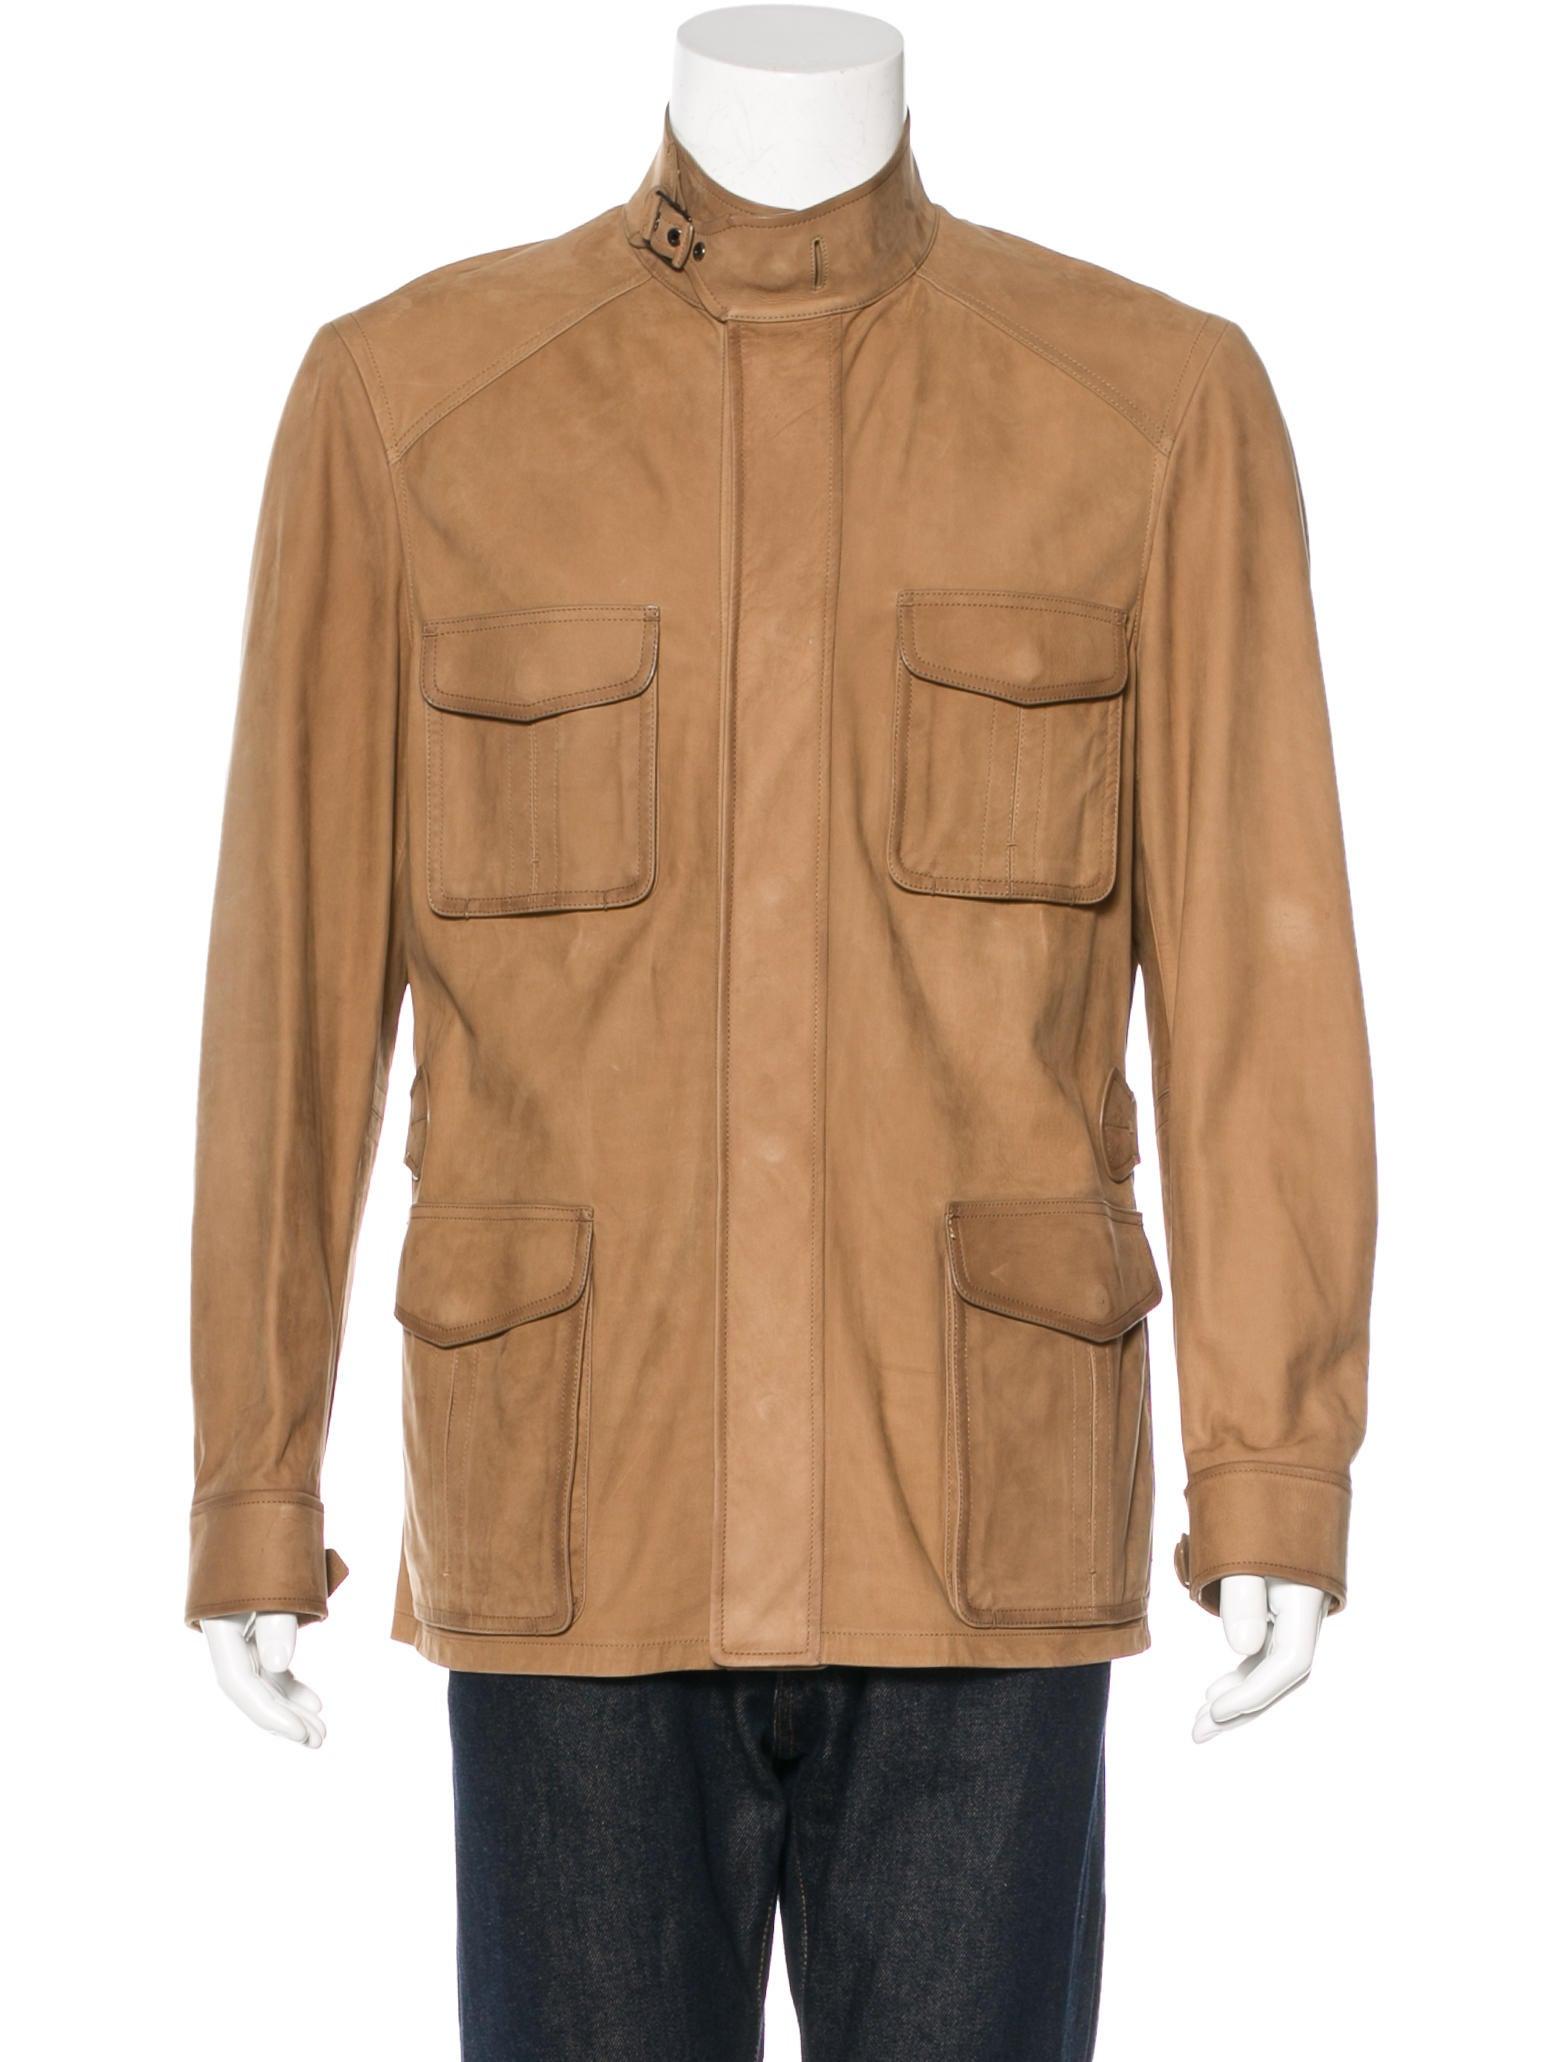 Leather field jacket